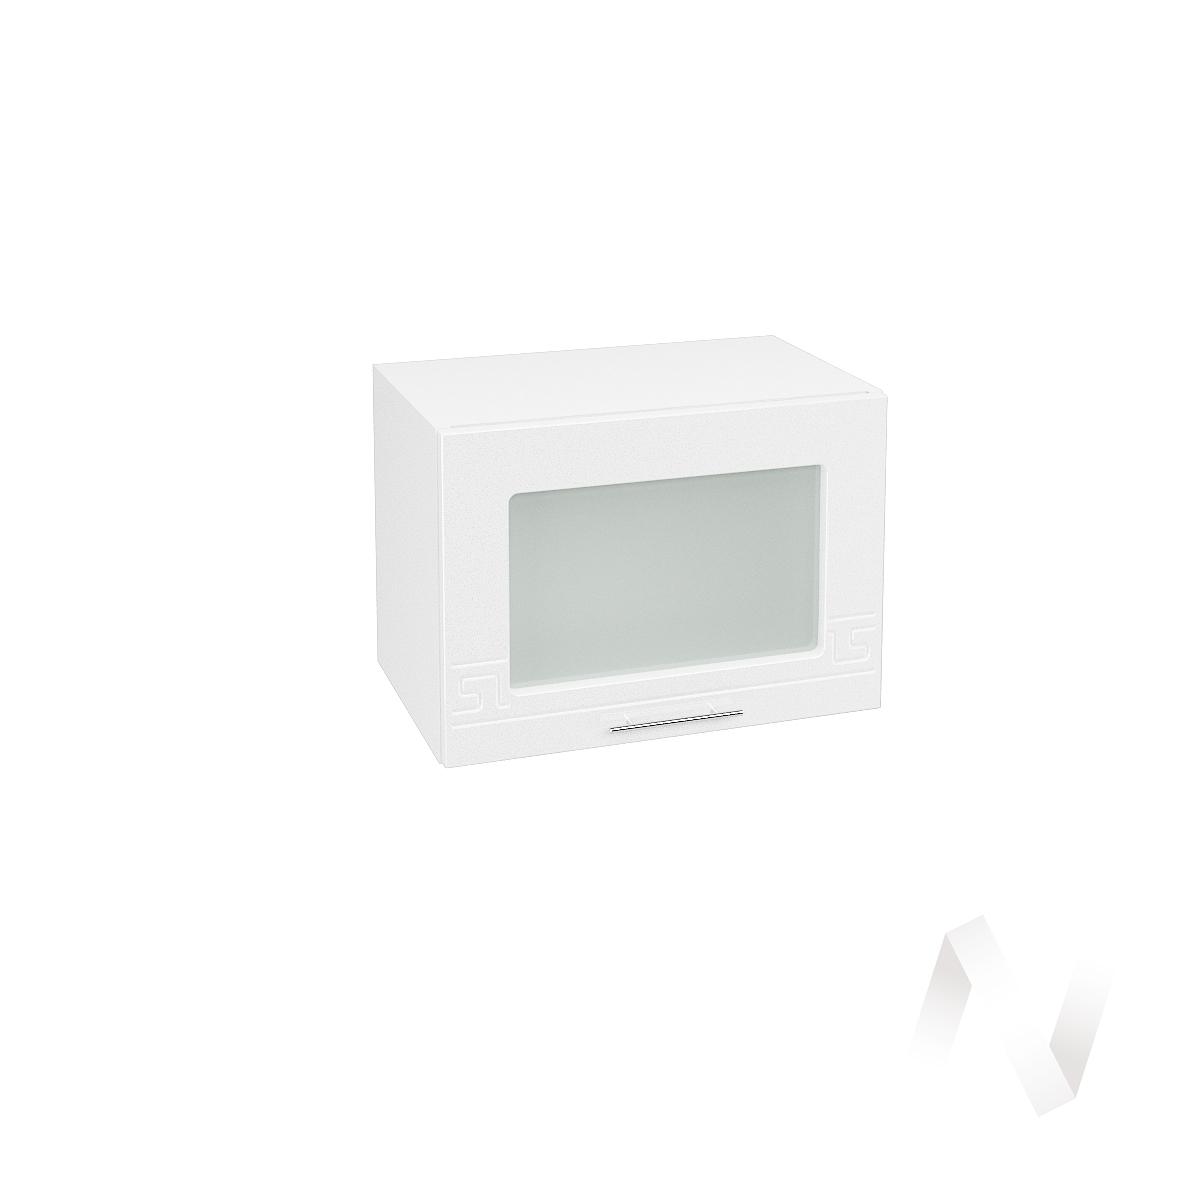 """Кухня """"Греция"""": Шкаф верхний горизонтальный со стеклом 500, ШВГС 500 (белый металлик/корпус белый)"""